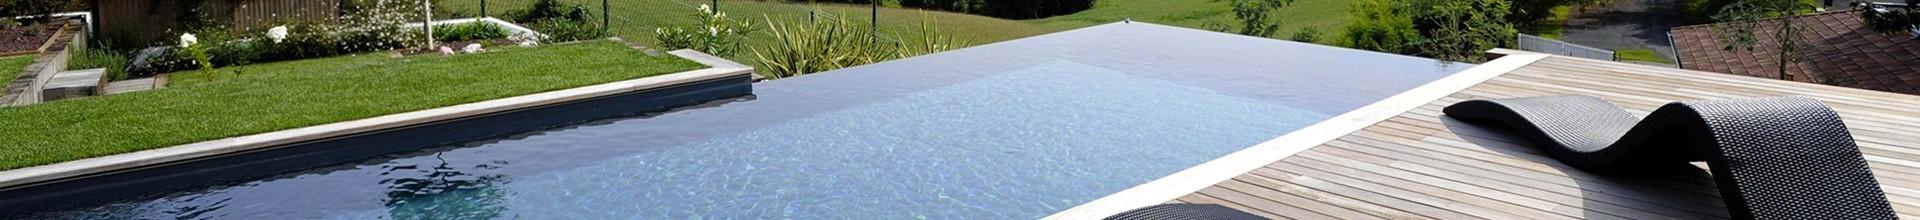 Direct usine, piscine coque prix Pays : Allemagne